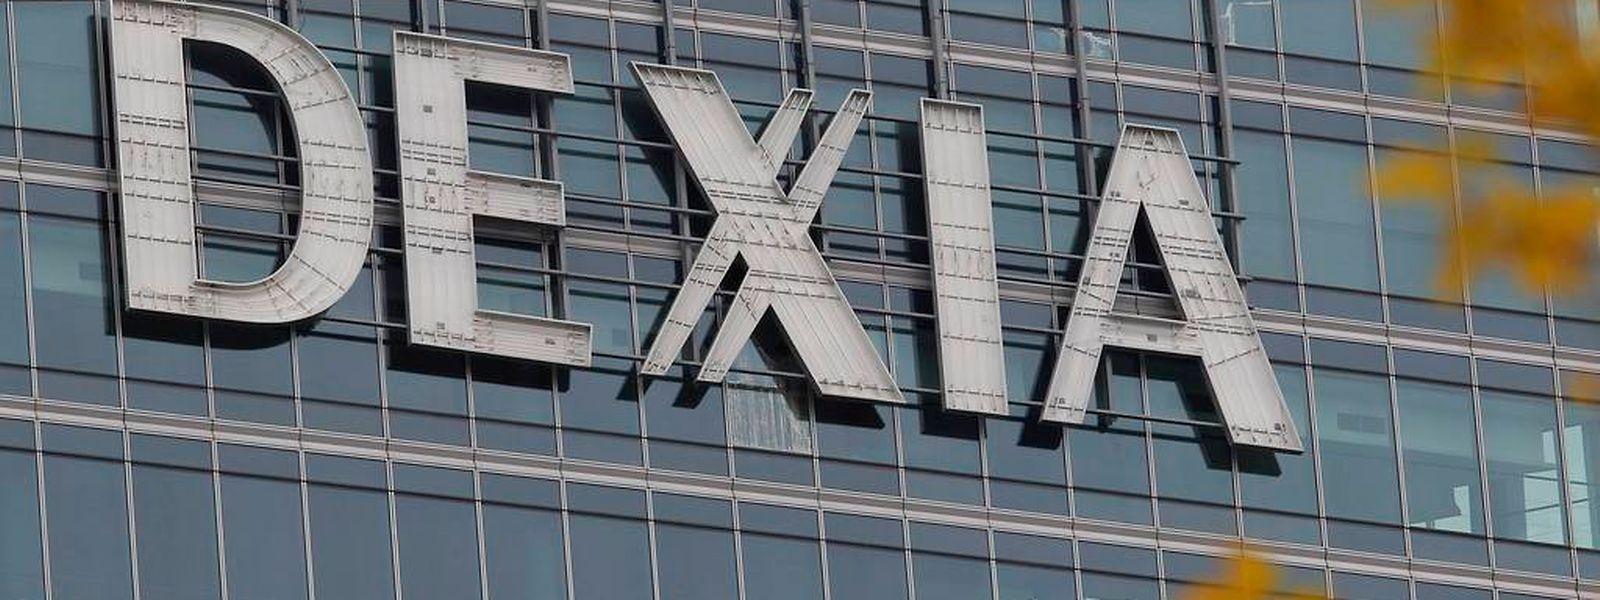 Selon l'agence de presse espagnole, la Dexia ferait partie des onze banques qui ont échoué aux stress-tests